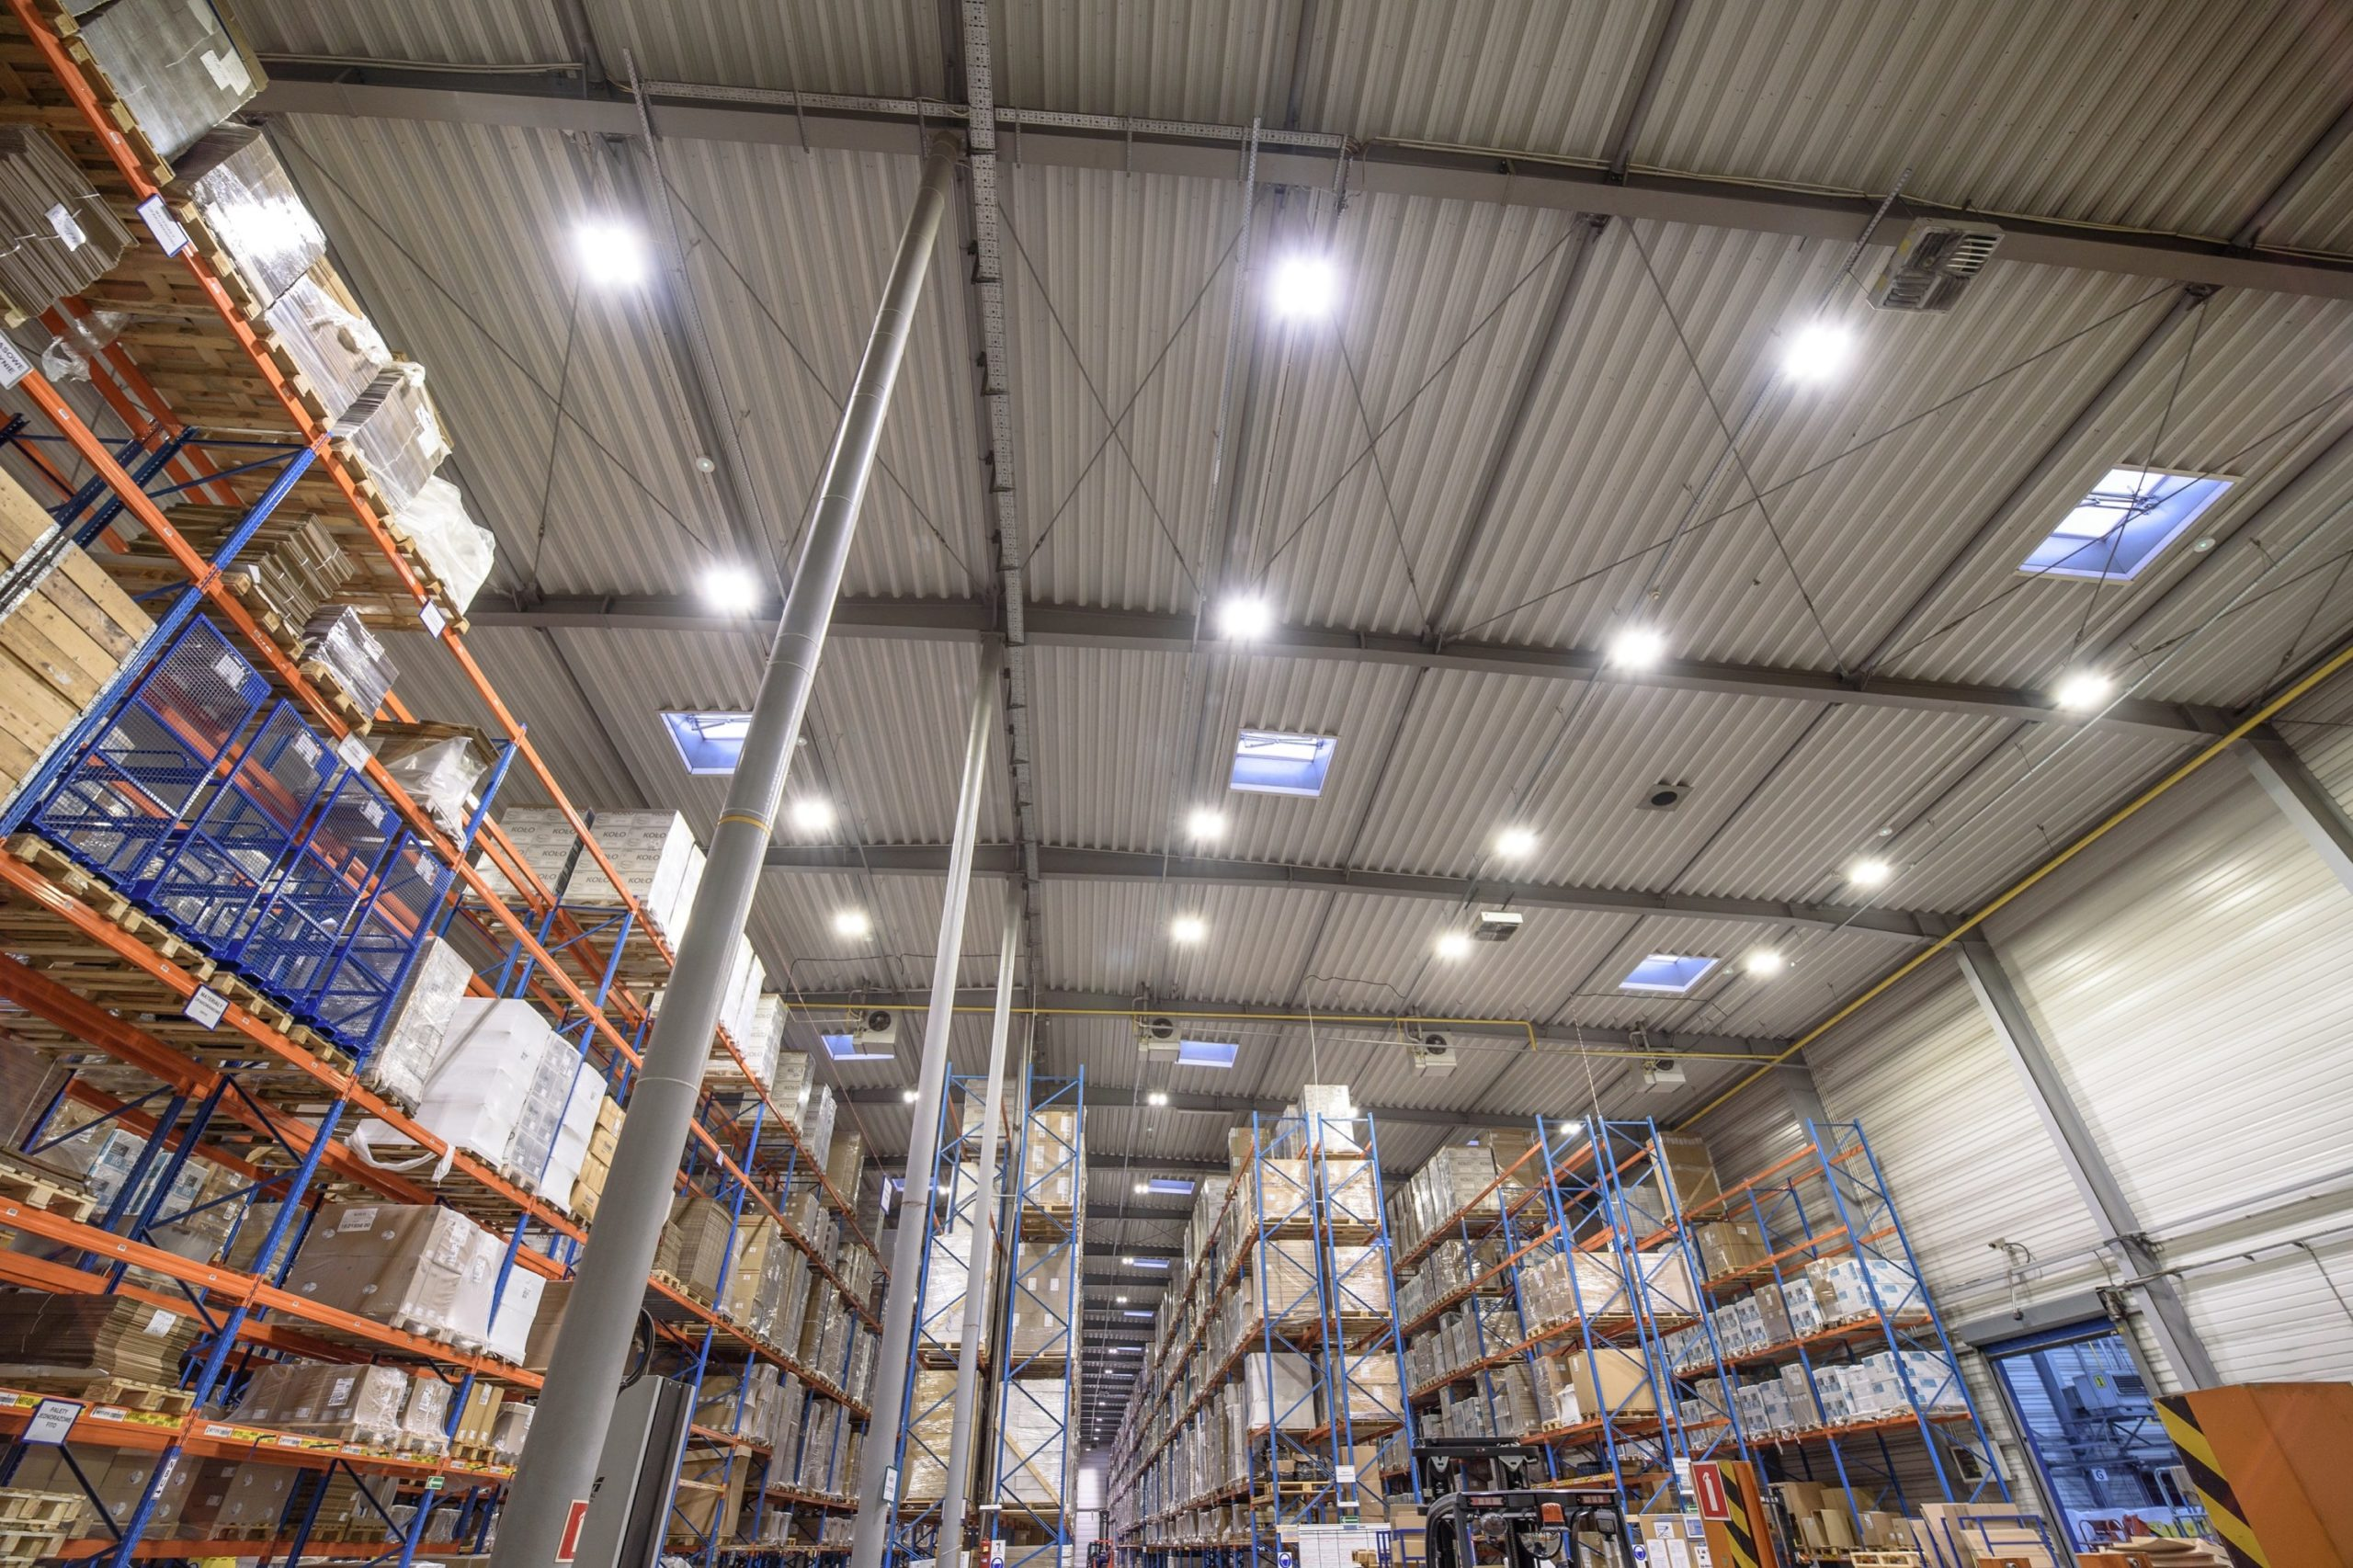 oprawy Highbay w magazynie wysokiego składowania w firmie Geberit - Luxon LED